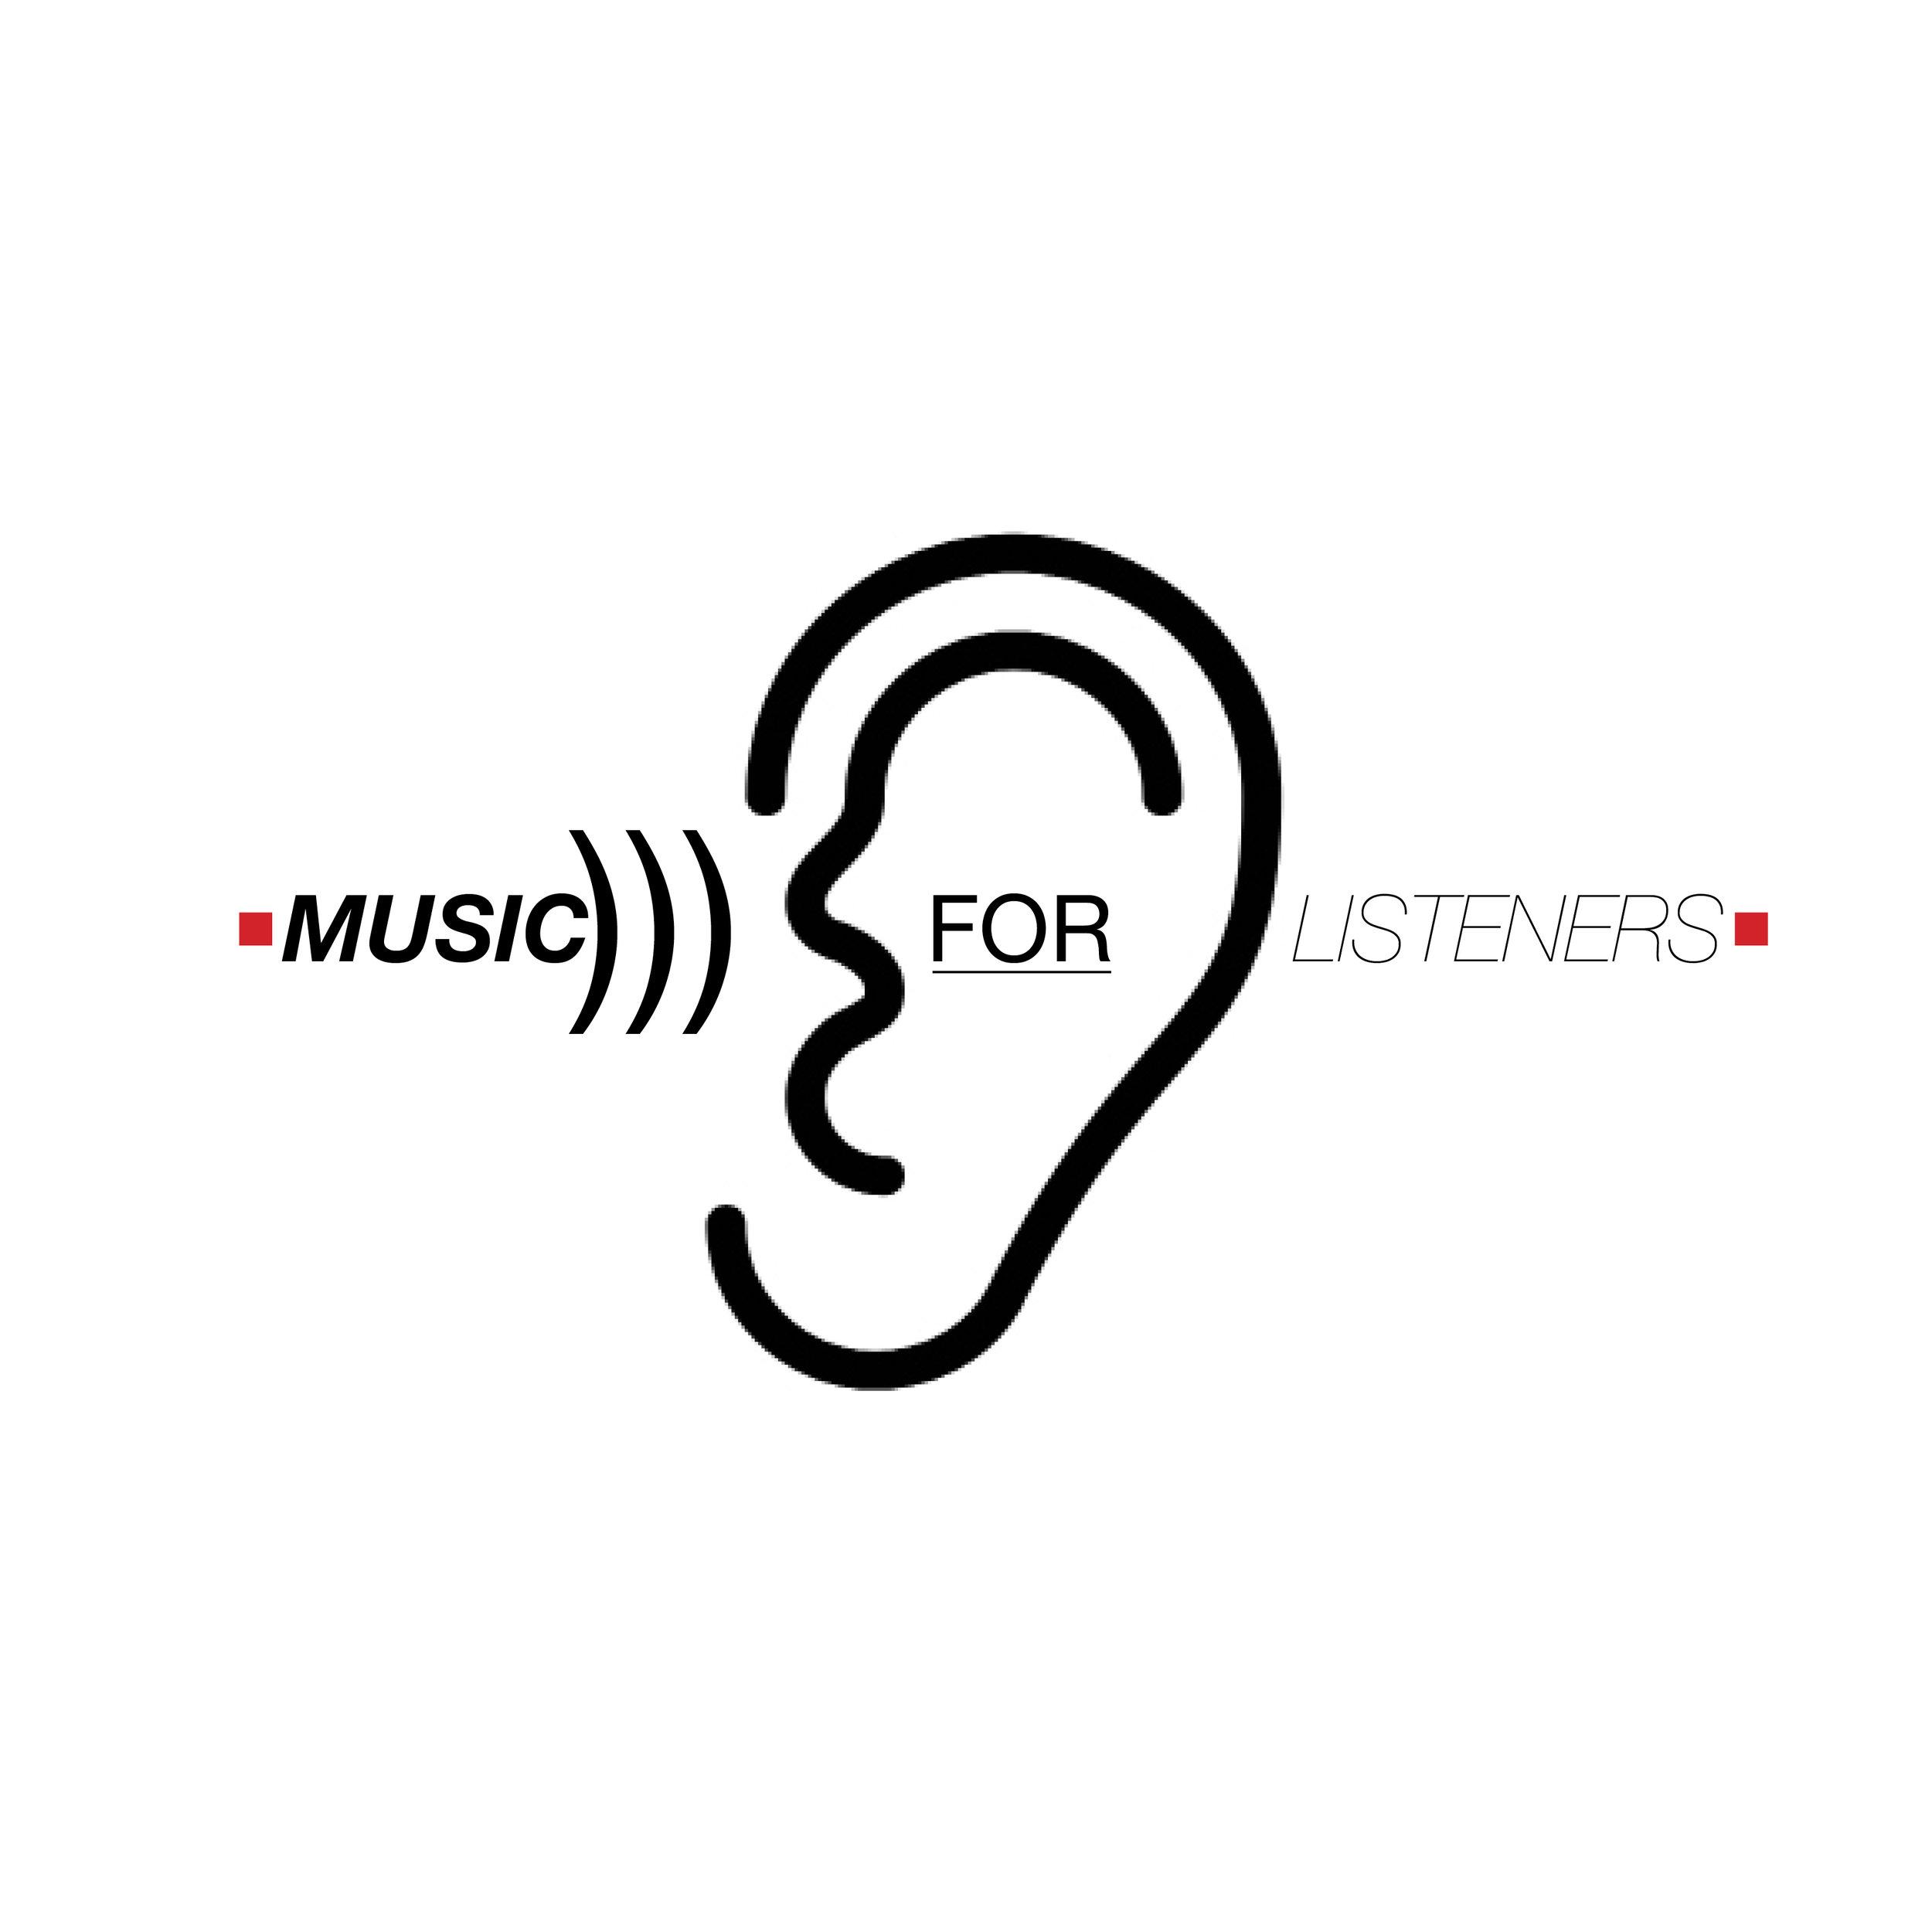 Music For Listeners9.jpg